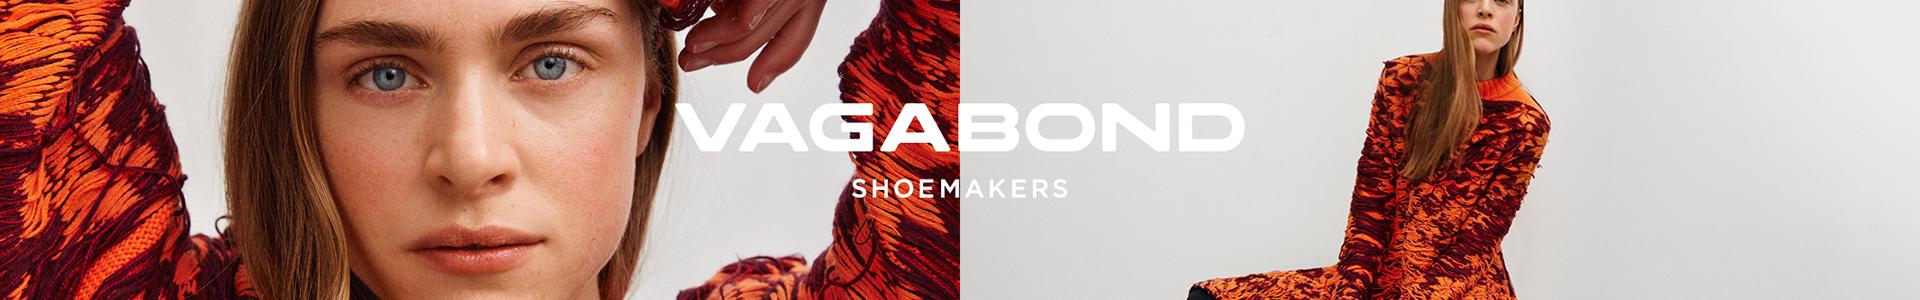 Vagabond Shoe Makers